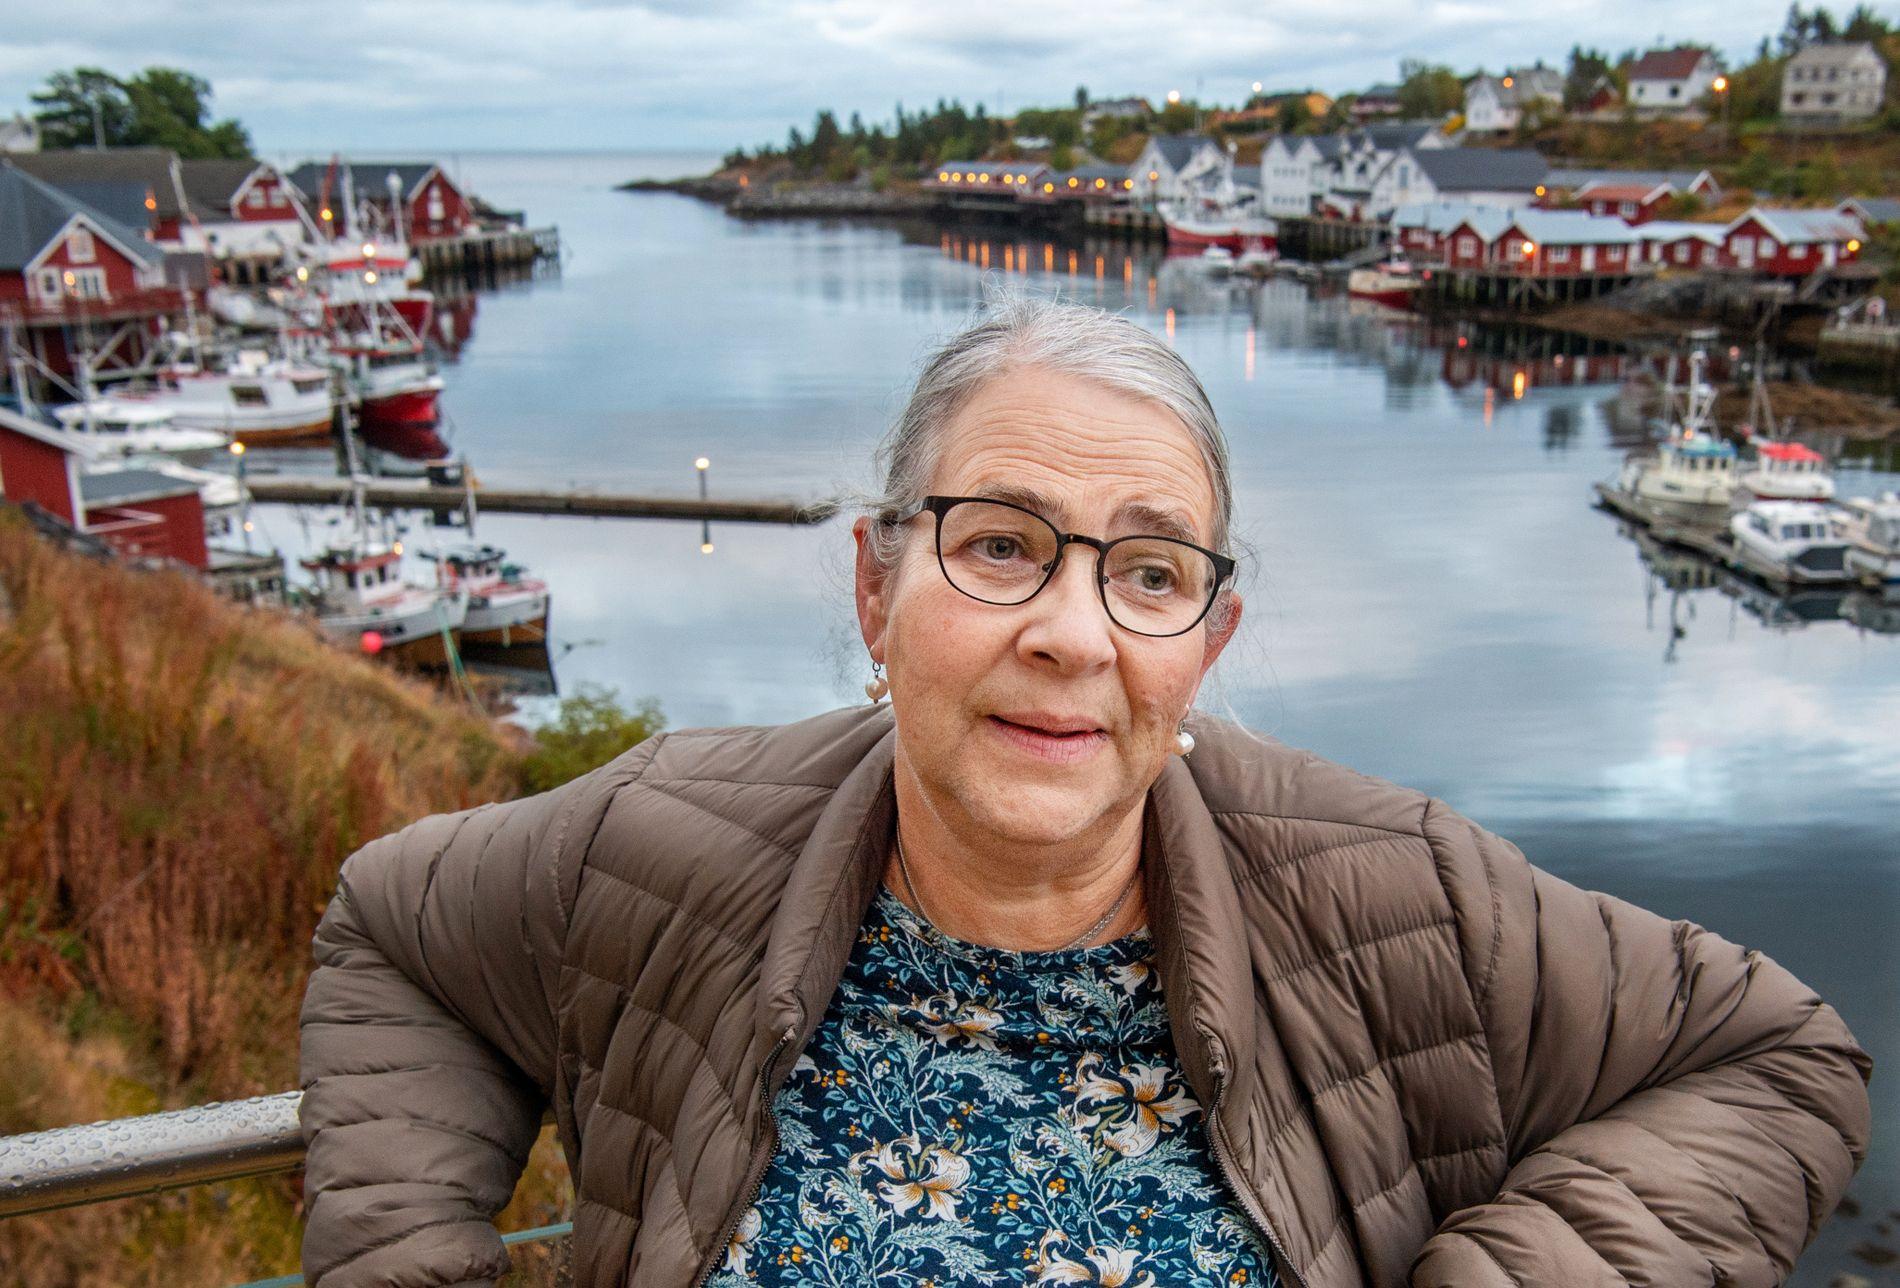 ORDFØRER UTEN PARTI: Lillian Rasmussen (Bygdelista) er ordfører i Moskenes, en av kommunene hvor partiene er helt eller delvis borte.